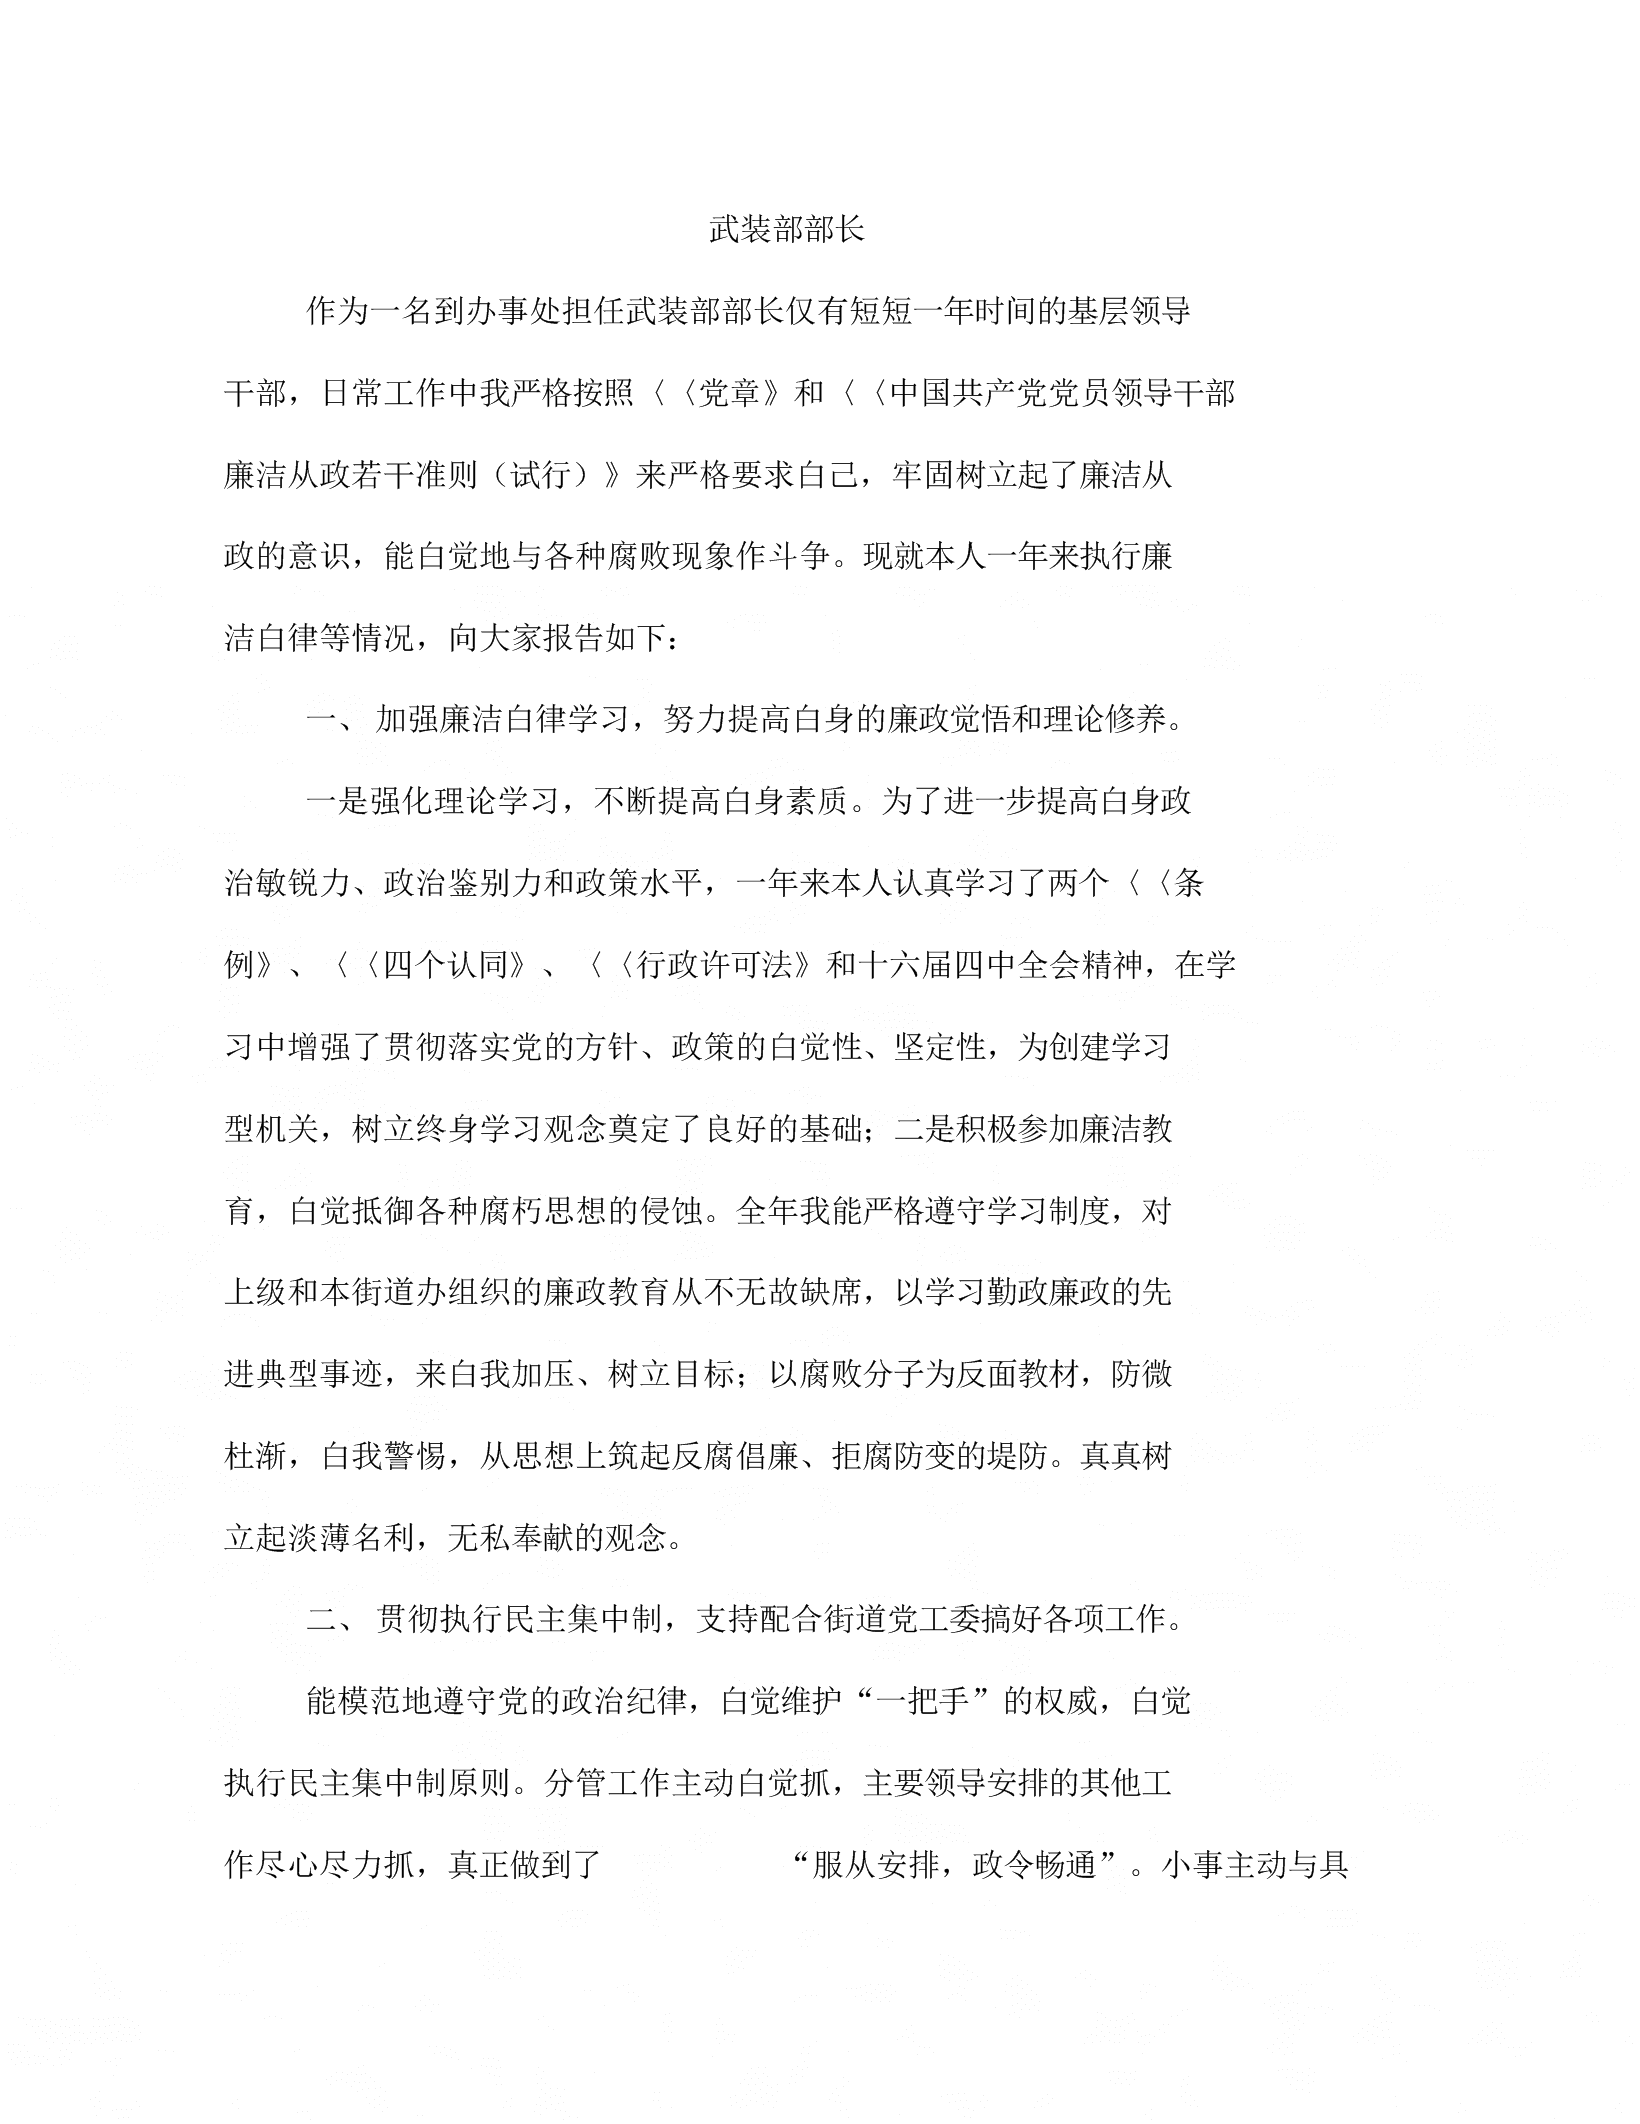 武装部部长述廉报告(多篇范文).docx